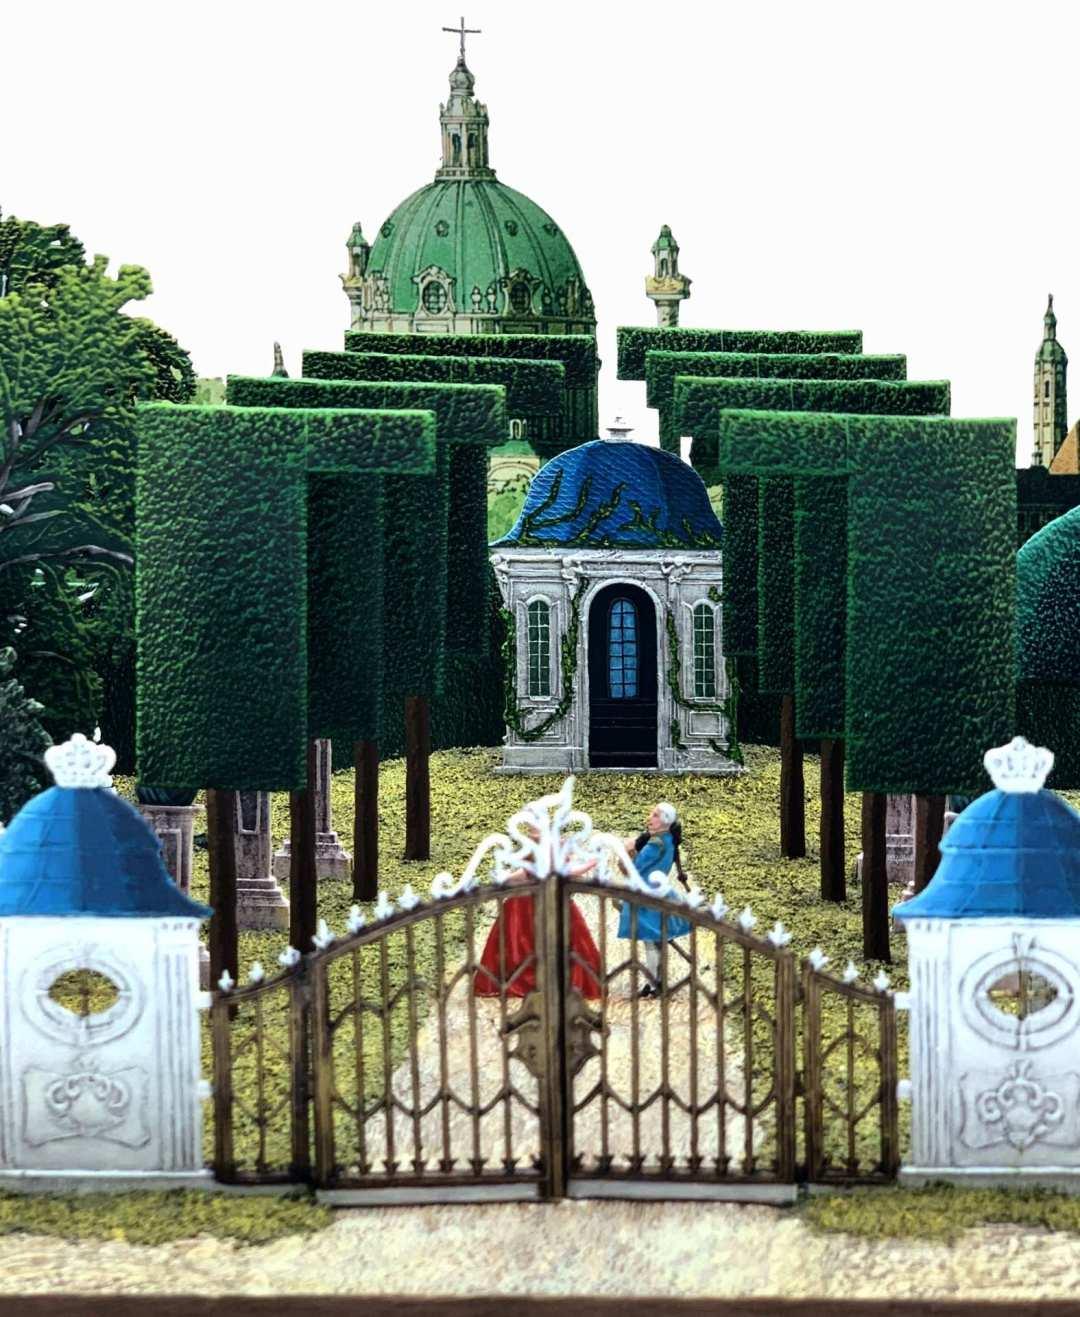 Zinnfiguren diorama – Parco barocco